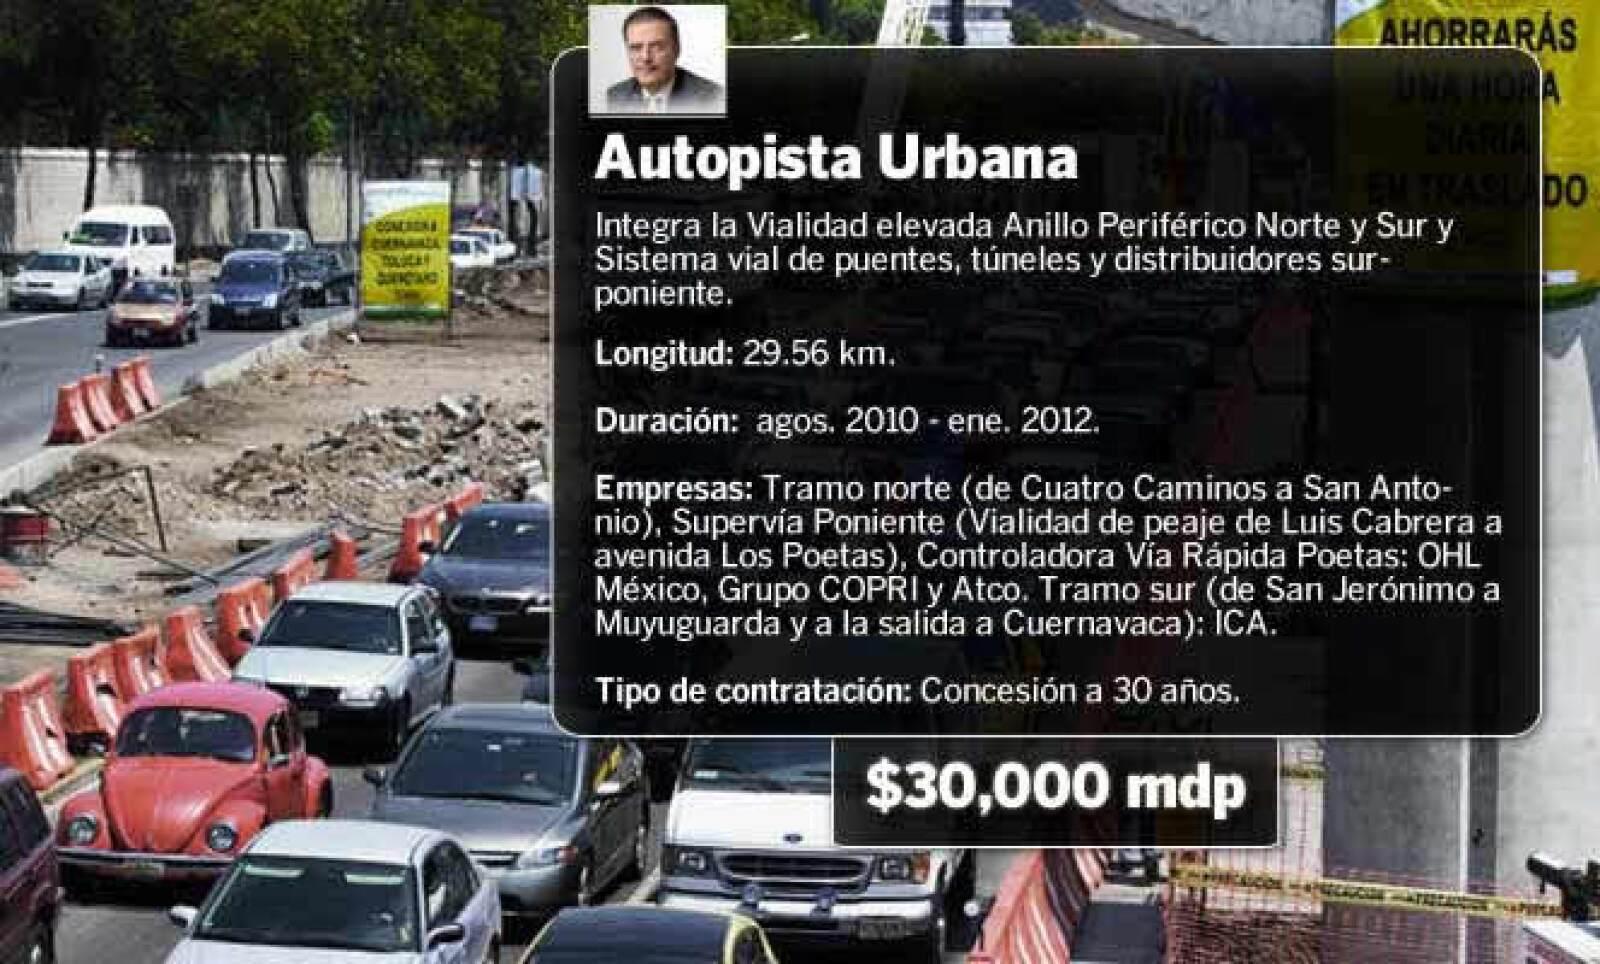 Fuente: Revista Expansión.